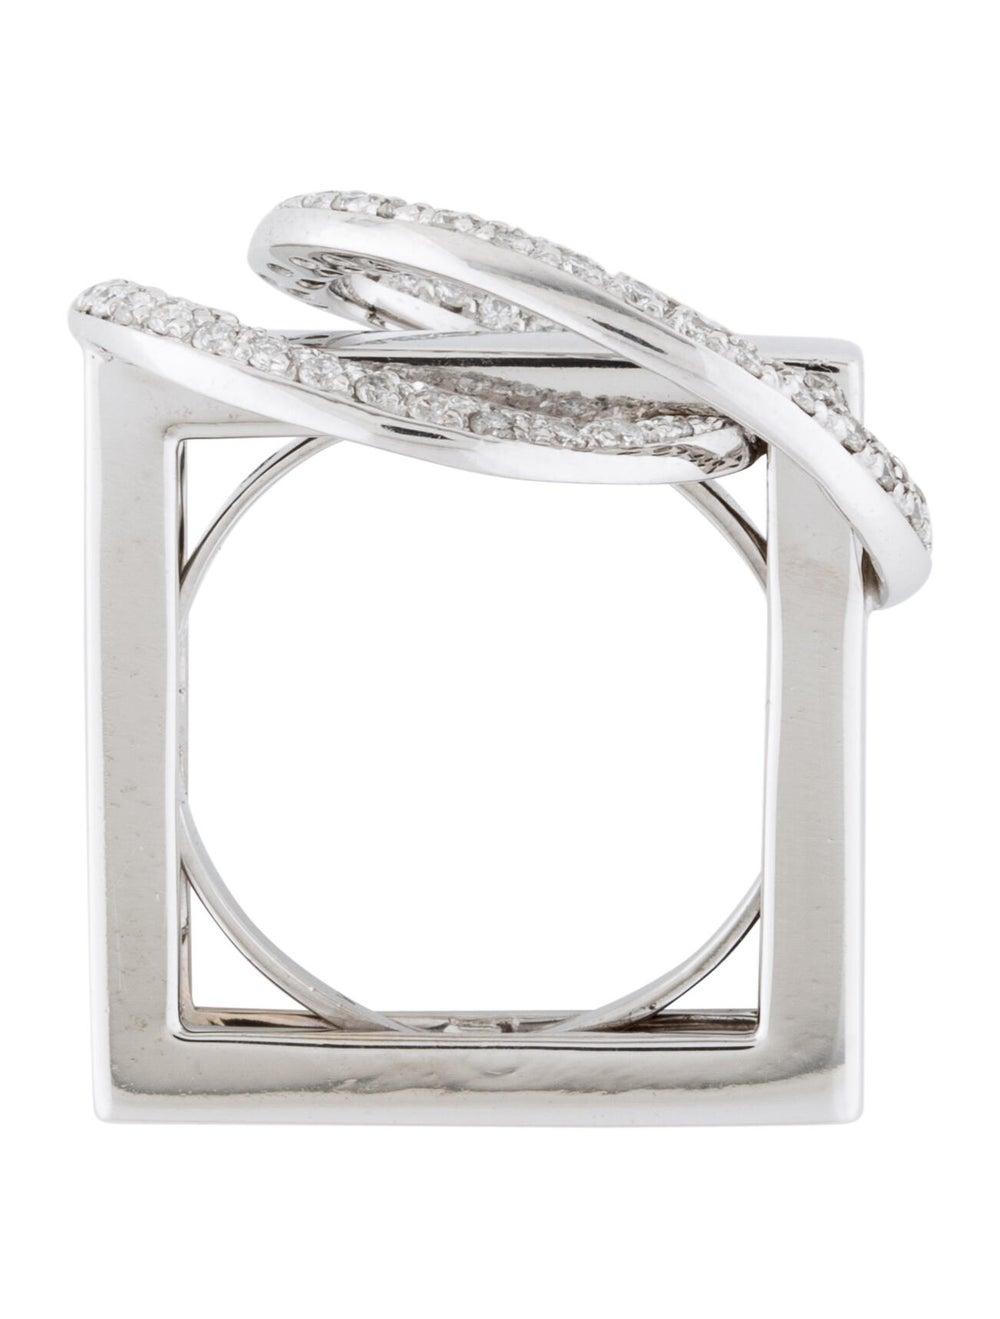 18K Diamond Cocktail Ring white - image 5